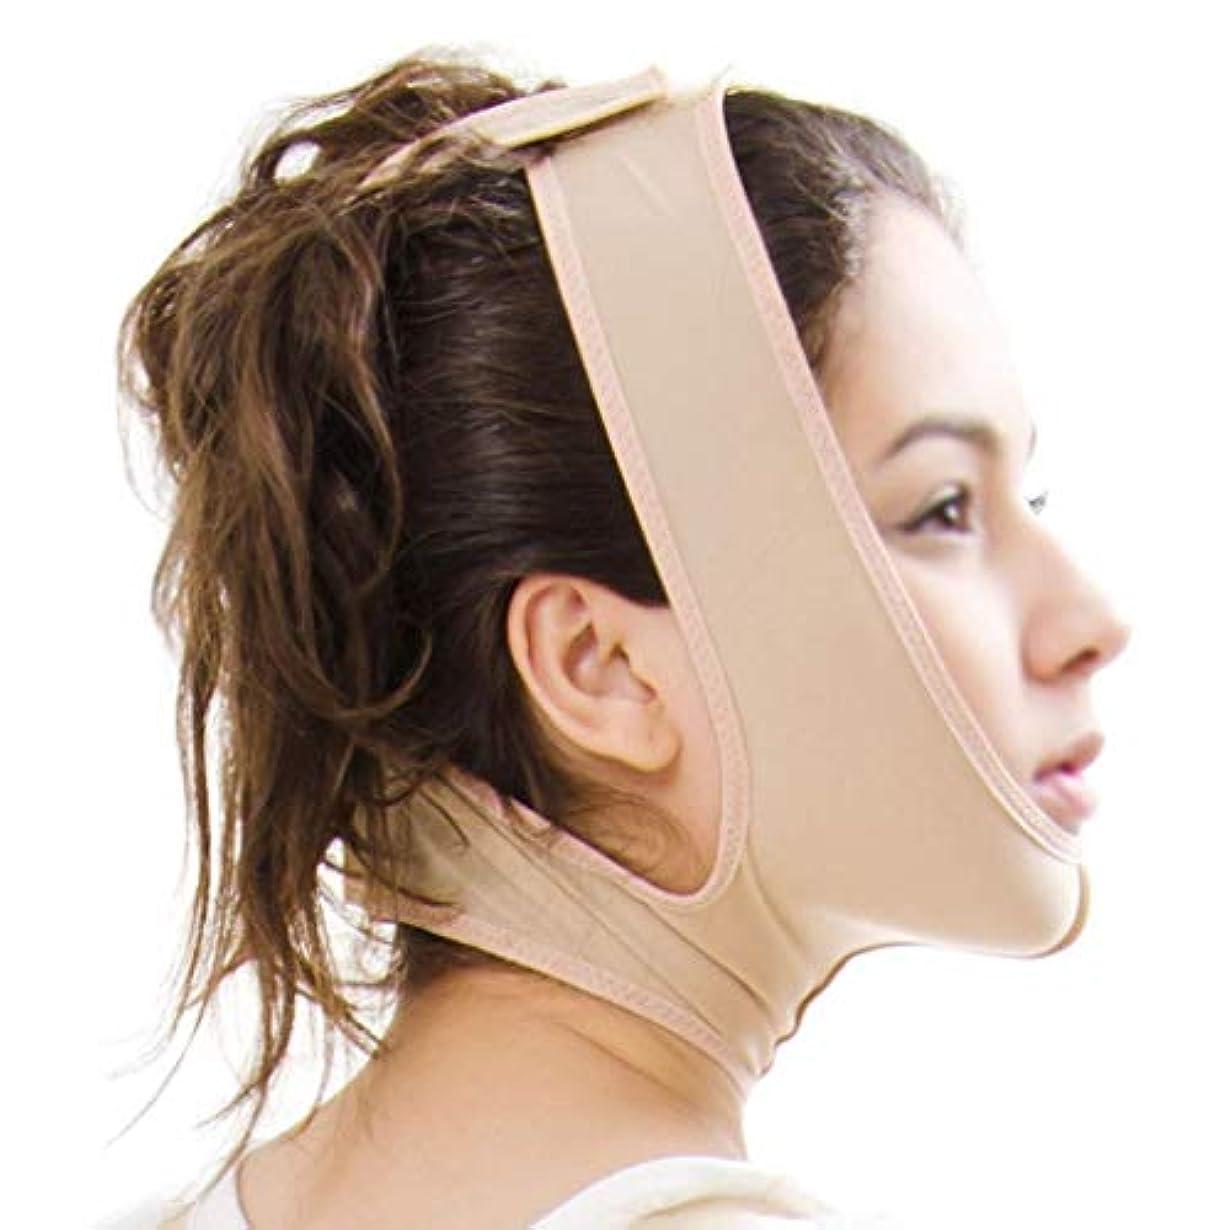 所有者工業用持ってる顔のリフティング包帯、あごの首と首のあごの二重顔、脂肪吸引術、術後創傷マスク(サイズ:XXL)